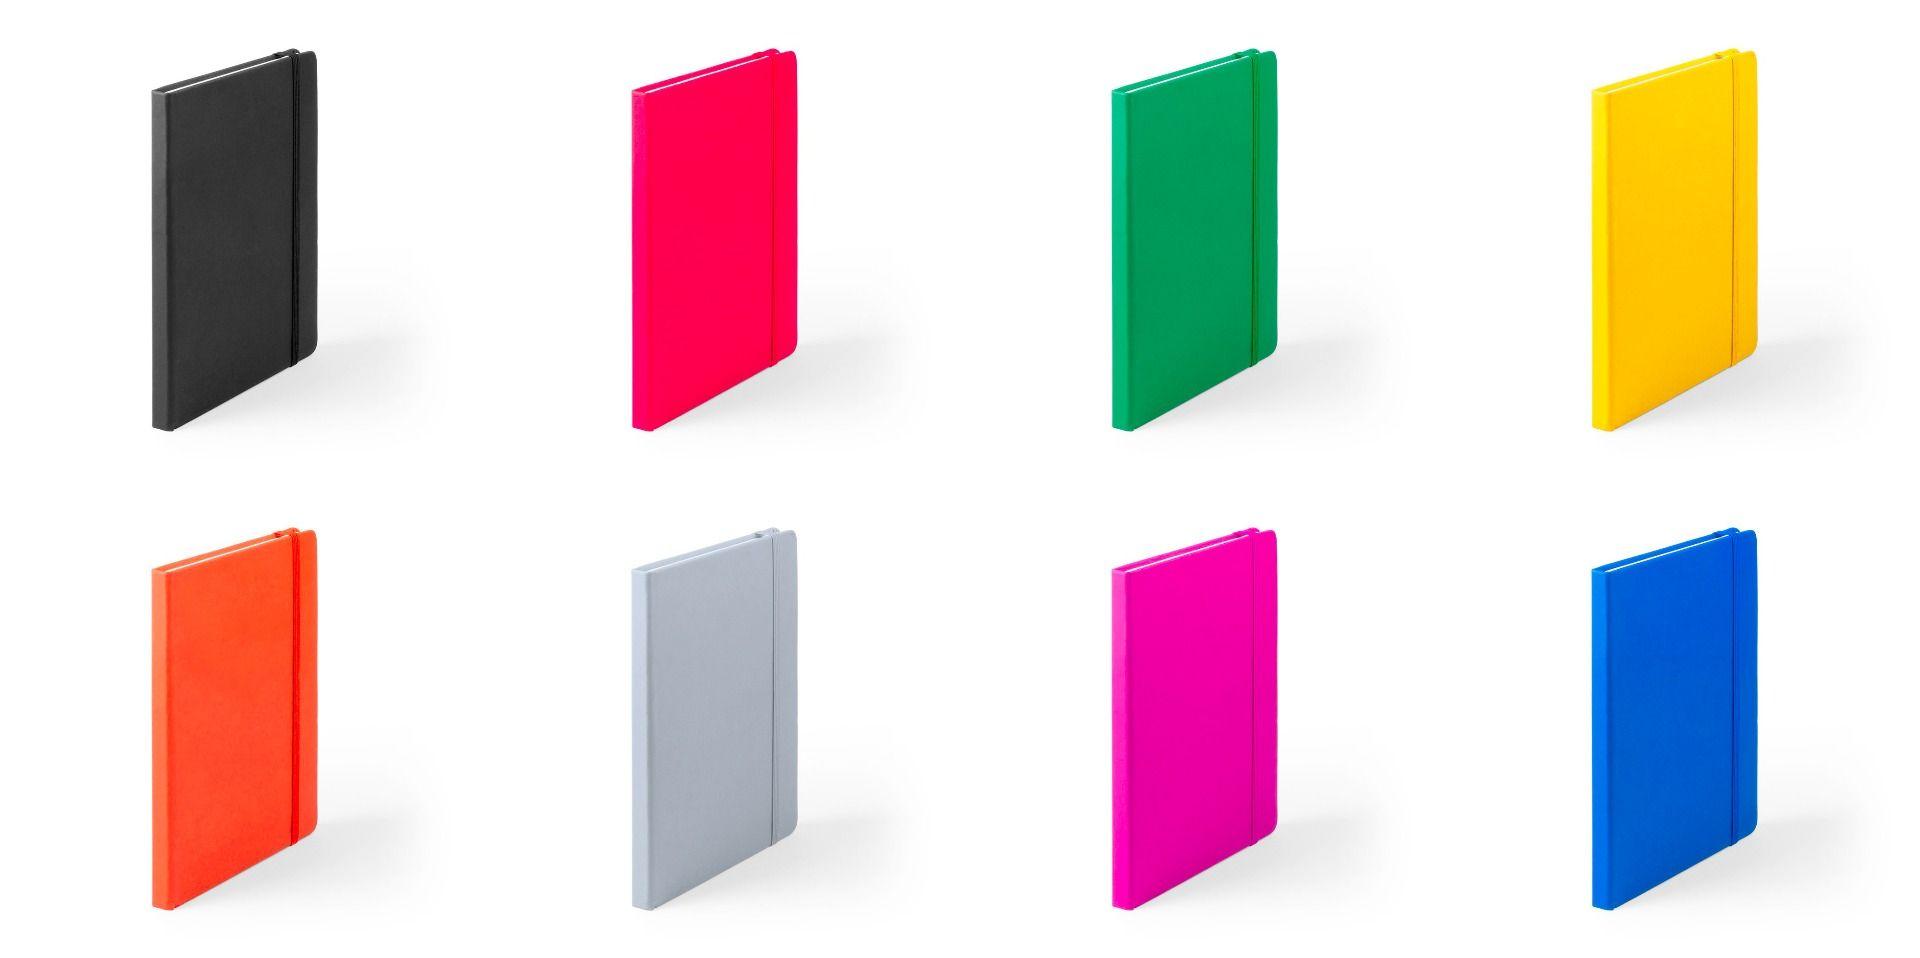 colores de libretas de notas